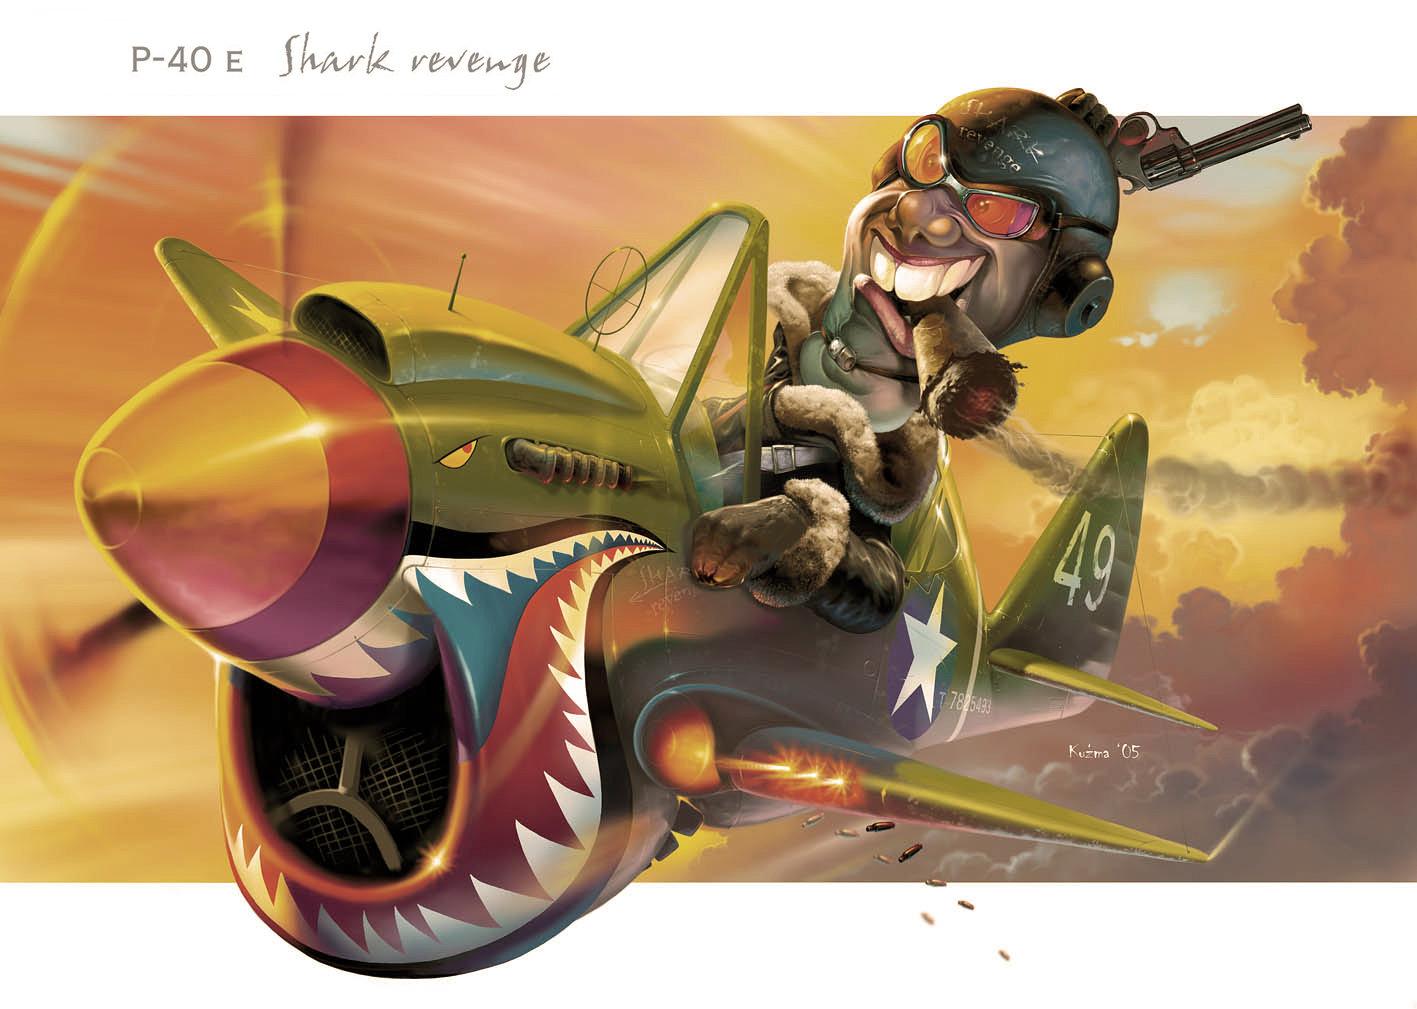 Shark revenge